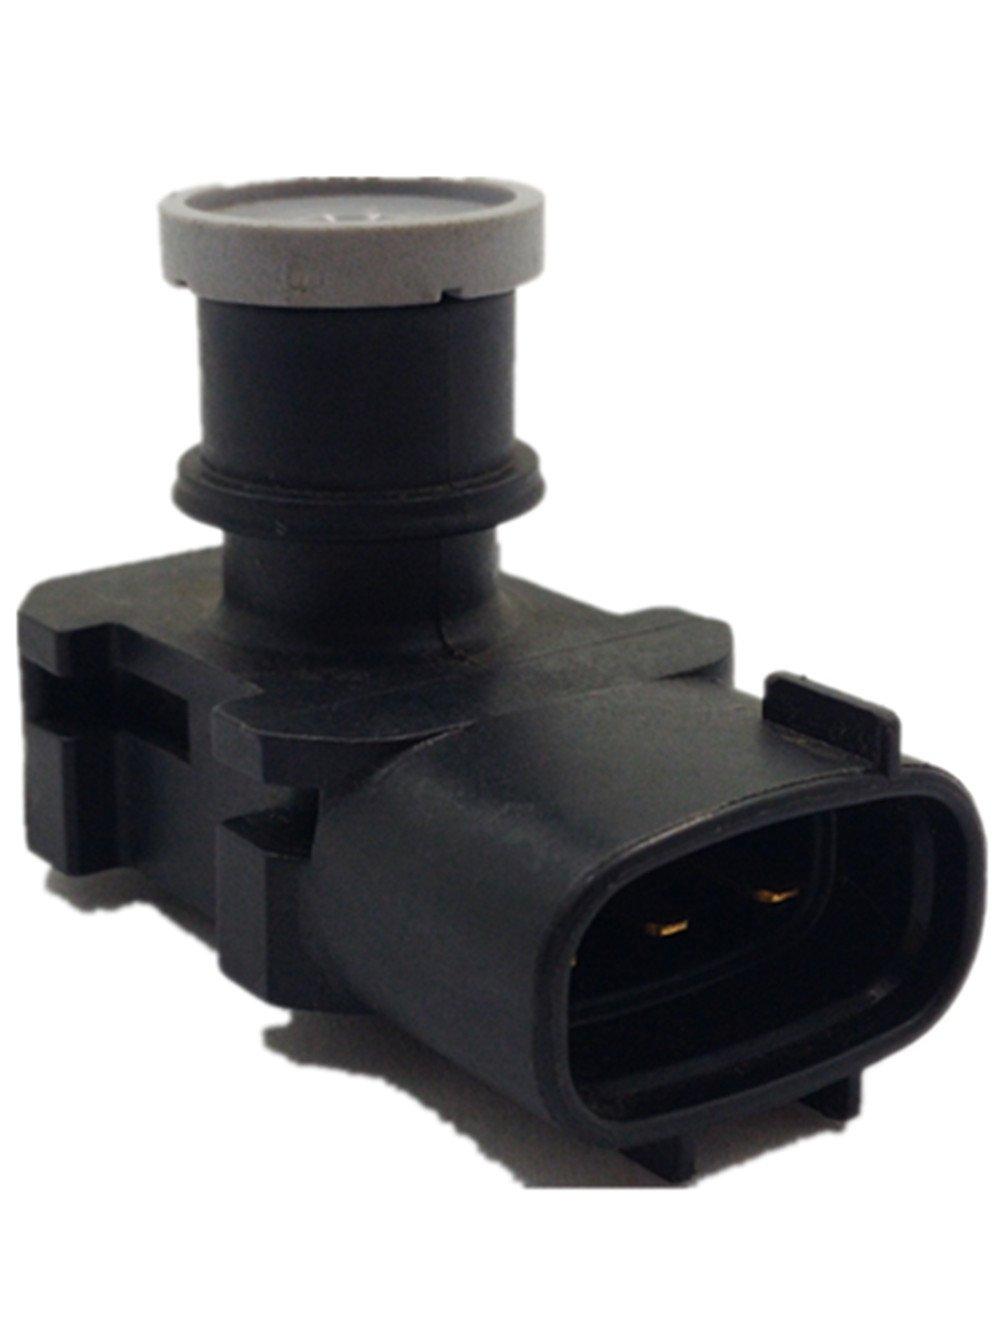 Yalai 89461-33020 499500-0280 Prius Fuel Pump Vapor Pressure Sensor